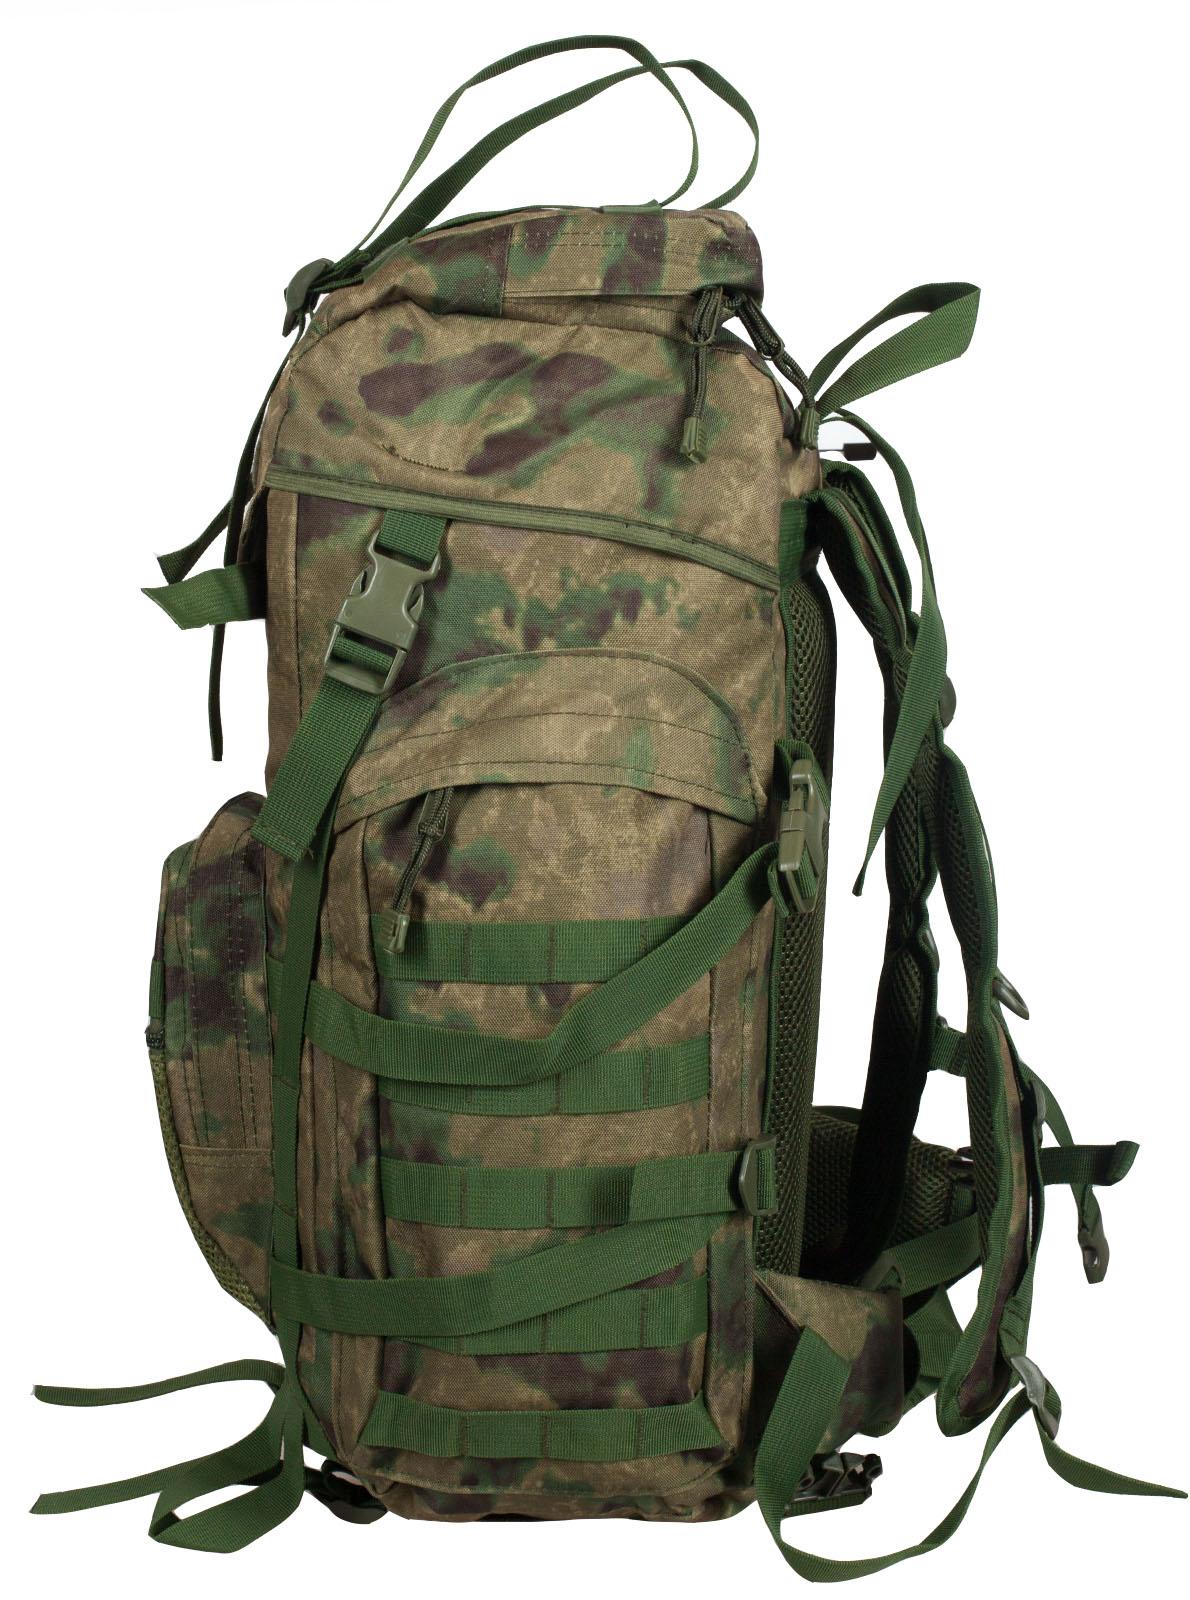 Штурмовой заплечный рюкзак MultiCam A-TACS FG ДПС - заказать выгодно